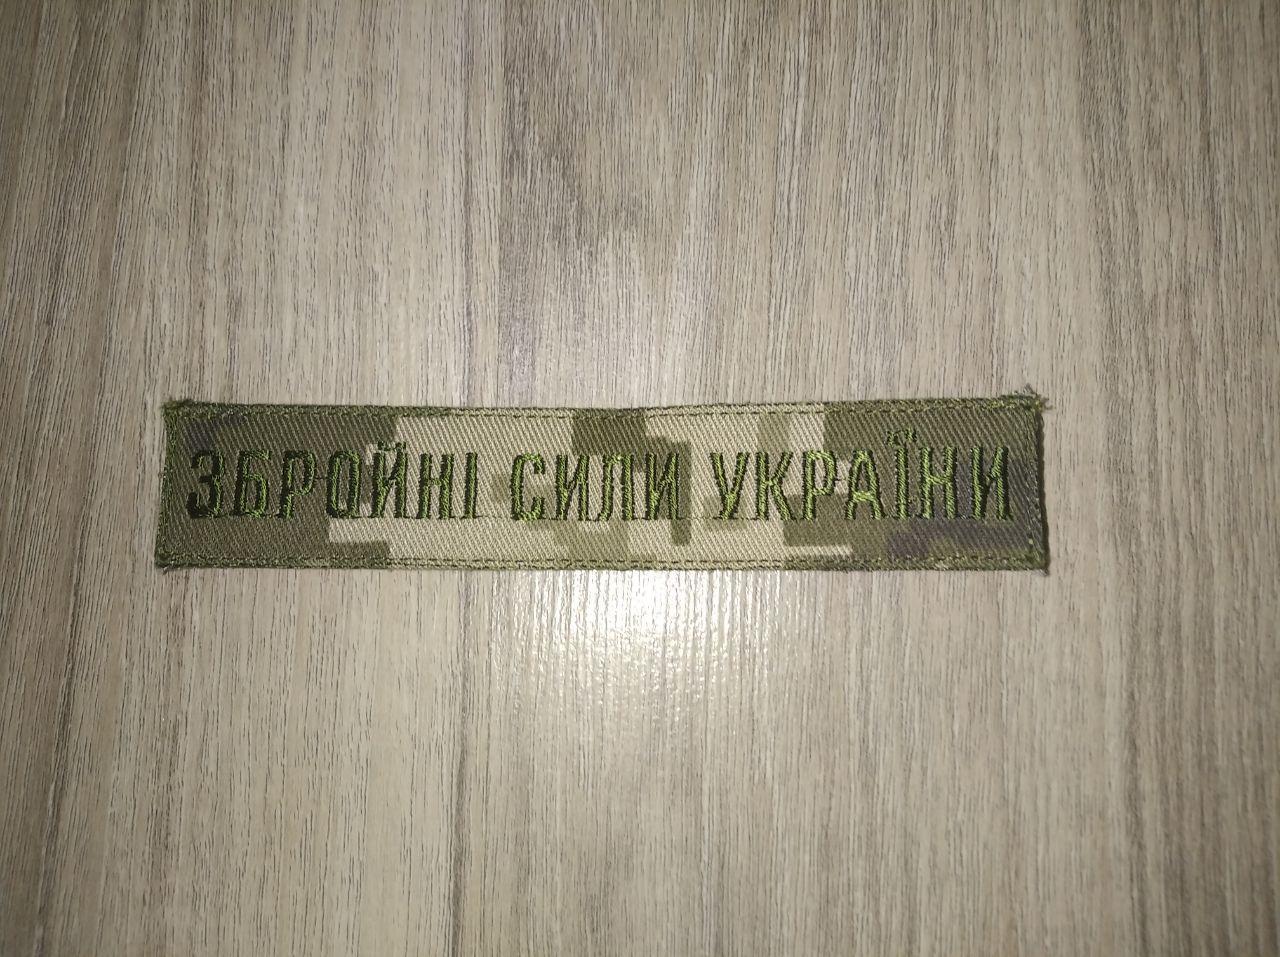 """Нашивка """"Збройні сили України"""" (на липучке)"""